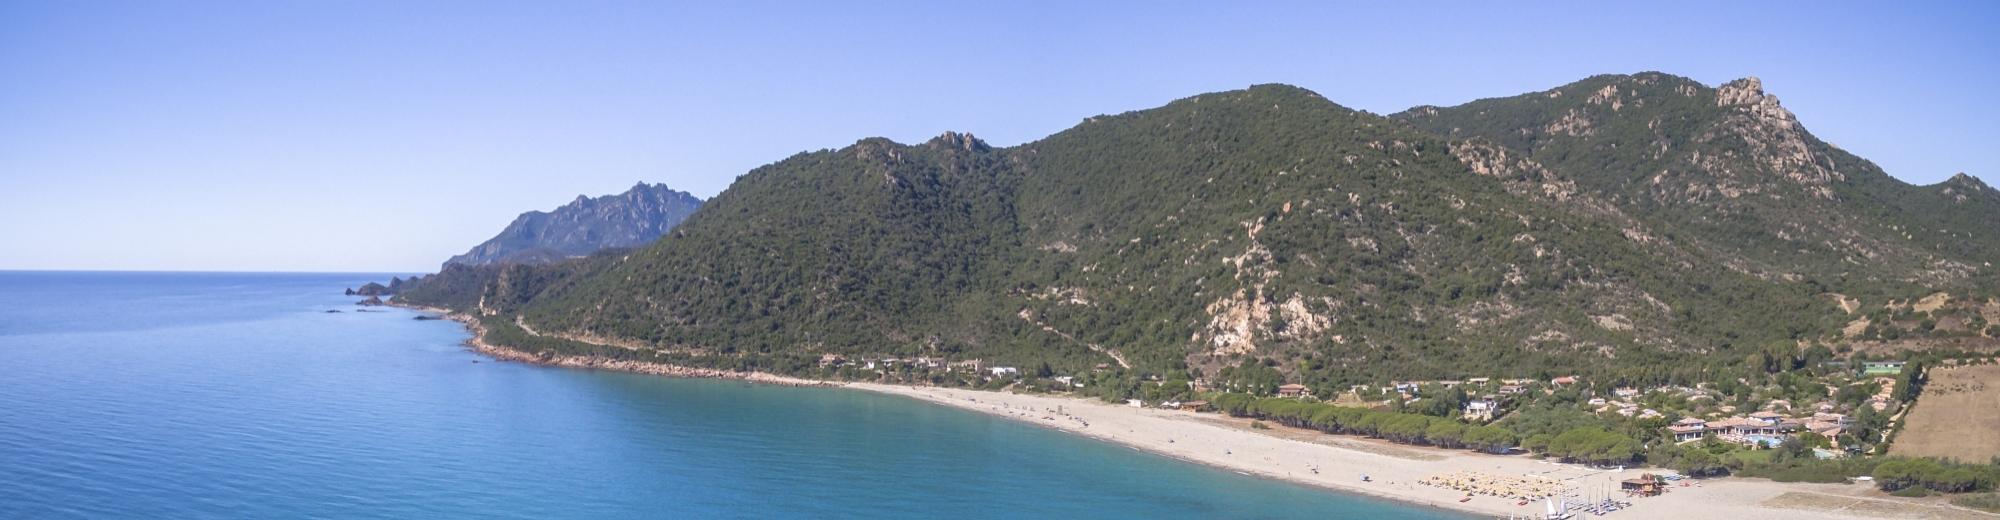 Costa di Marina di Cardedu